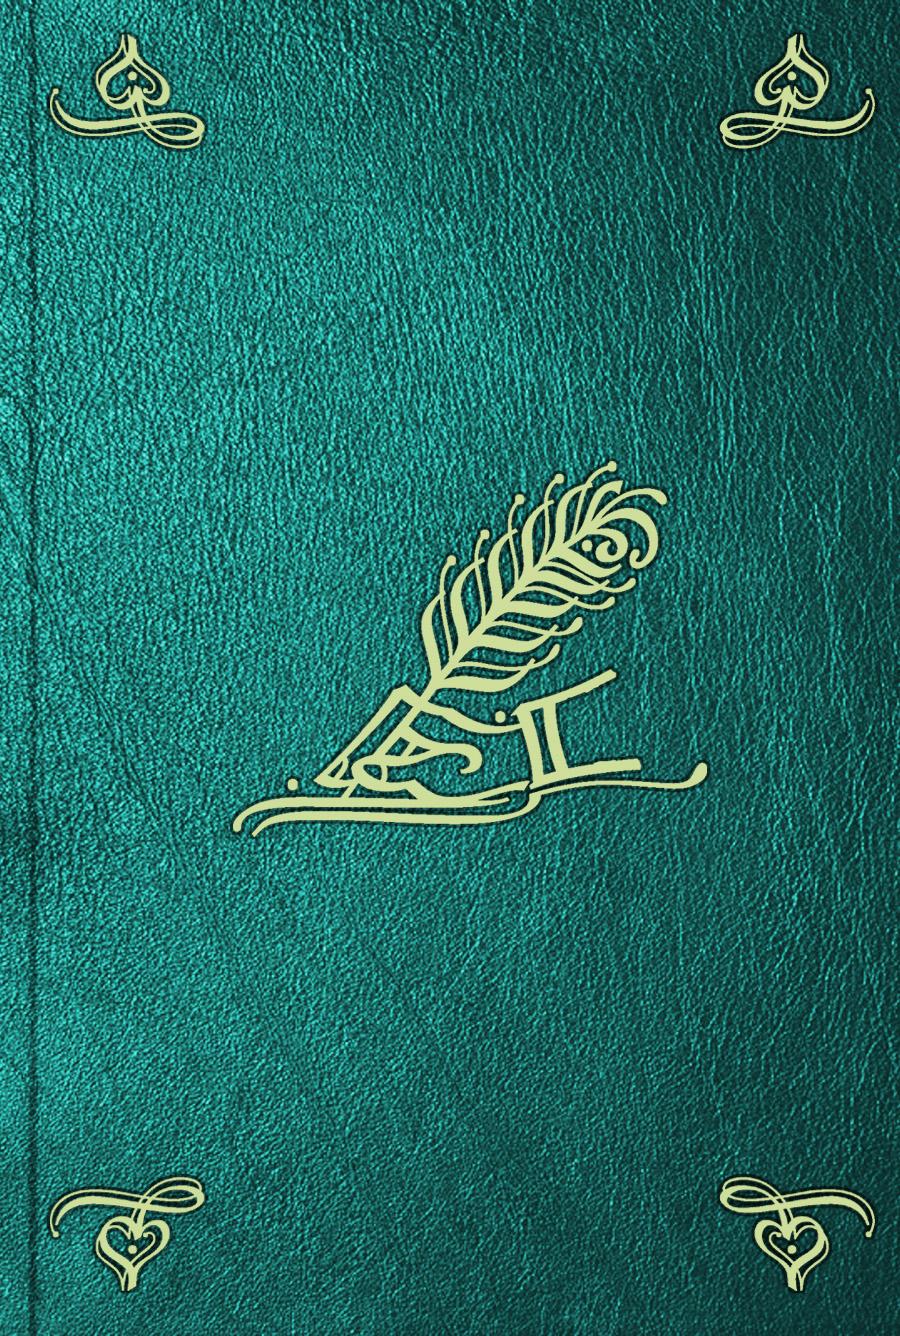 Falckenskiold Seneque Othon de Memoires de M. de Falckenskiold m carcassi fantaisie sur les motifs du serment op 45